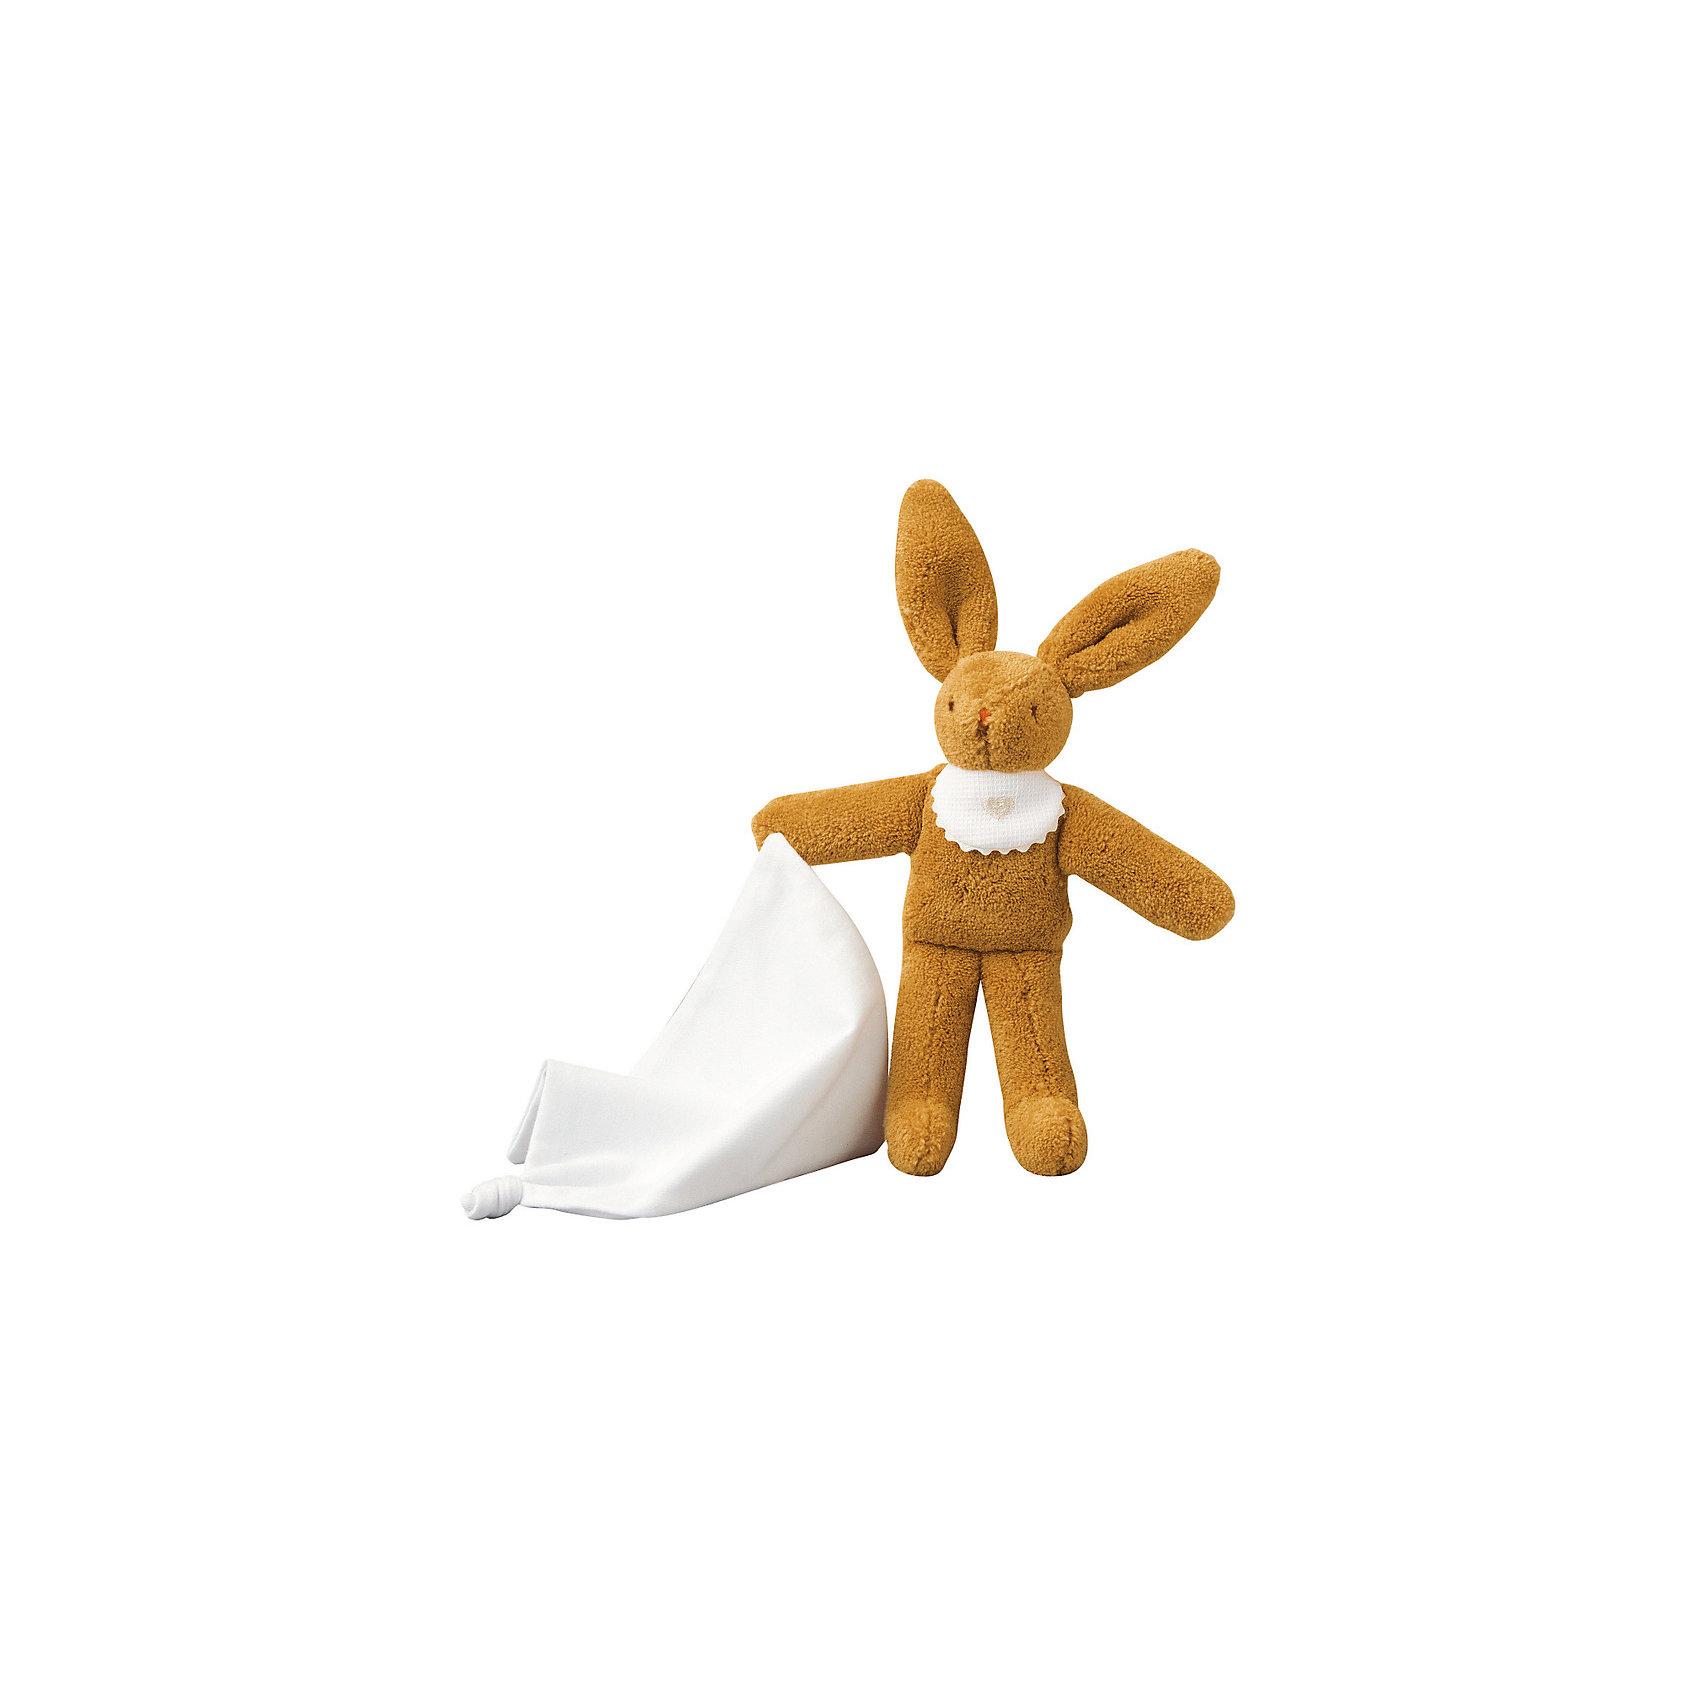 Мягкая игрушка Зайка с платочком, 20см&#13;, TrousselierМягкая игрушка Зайка с платочком, 20см, Trousselier<br><br>Характеристики:<br><br>• Размер: 20 см<br>• Материал: текстиль, полиэстер, хлопок<br>• Возраст: от 0 месяцев<br><br>Веселый зайчик в платье станет другом для вашего малыша. Натуральный материал не вызывает аллергию и полностью безопасен для нежной кожи. Малыш сможет спать с зайкой, с первых дней своей жизни. Кроме того у зайки есть платочек, который малыш сможет разделить вместе с ним.<br><br>Мягкая игрушка Зайка с платочком, 20см, Trousselier можно купить в нашем интернет-магазине.<br><br>Ширина мм: 155<br>Глубина мм: 155<br>Высота мм: 70<br>Вес г: 150<br>Возраст от месяцев: -2147483648<br>Возраст до месяцев: 2147483647<br>Пол: Унисекс<br>Возраст: Детский<br>SKU: 4964803